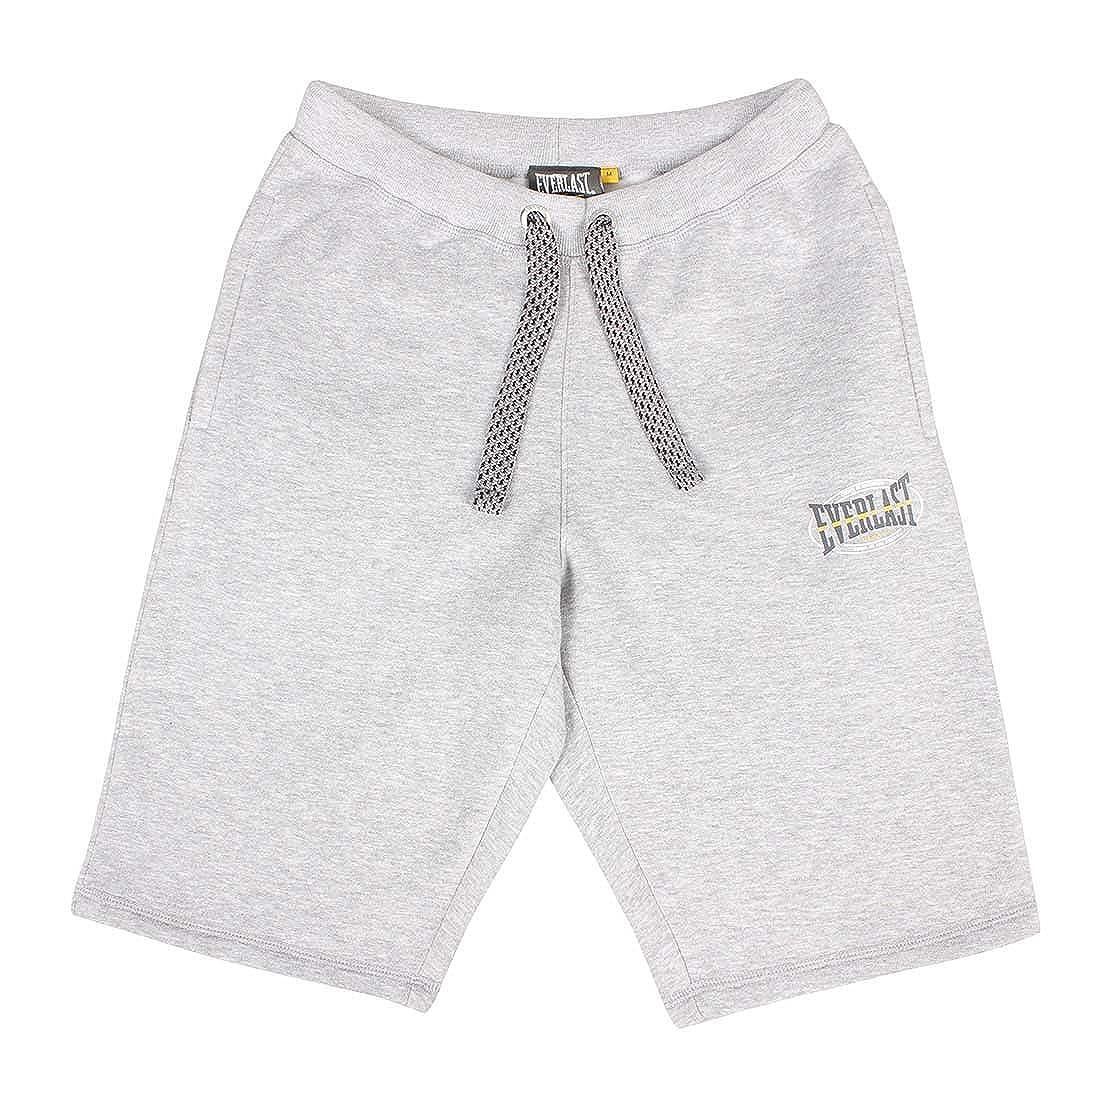 TALLA M. Everlast Boxing - Pantalón Corto - para Hombre